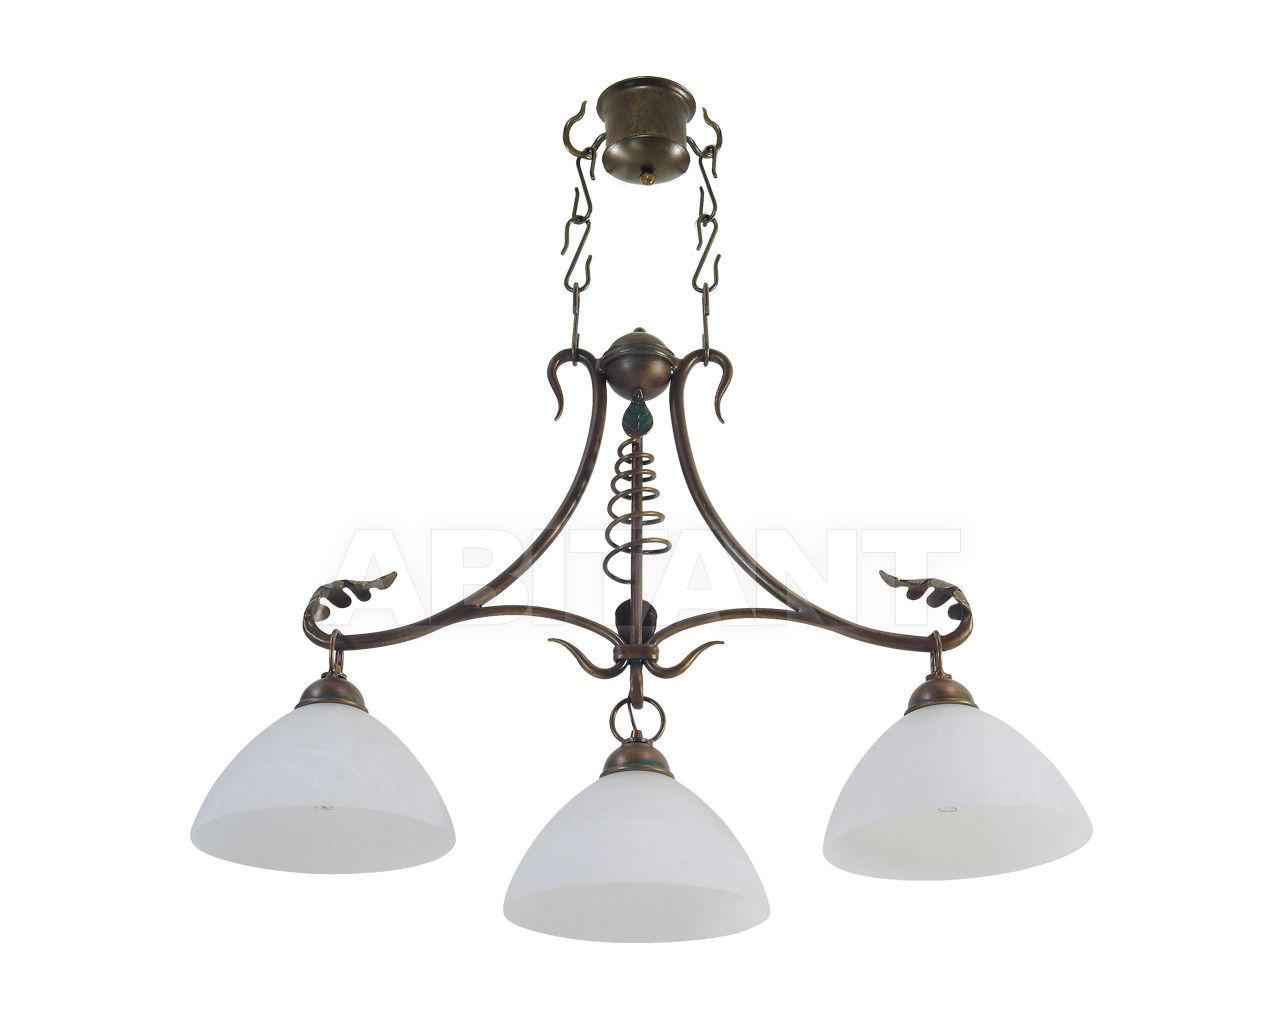 Купить Светильник FMB Leuchten Schmiedeeisen Lampen Und Leuchten 94330